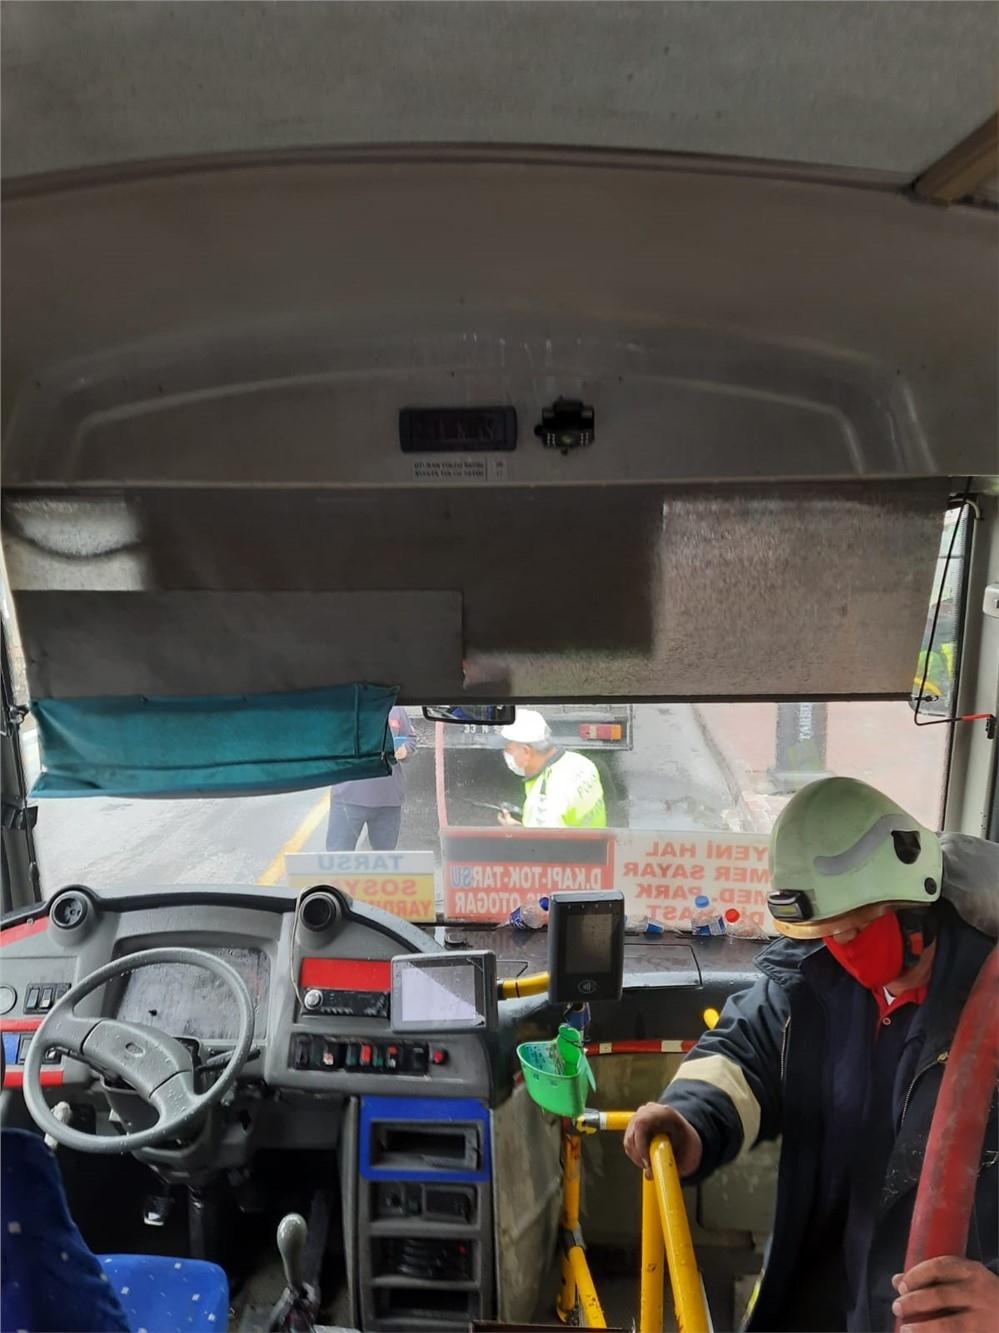 Mersin'in Tarsus İlçesinde Şehir İçi Yolcu Taşımacılığı Yapan Halk Otobüsü Seyir Halindeyken Yanmaya Başladı